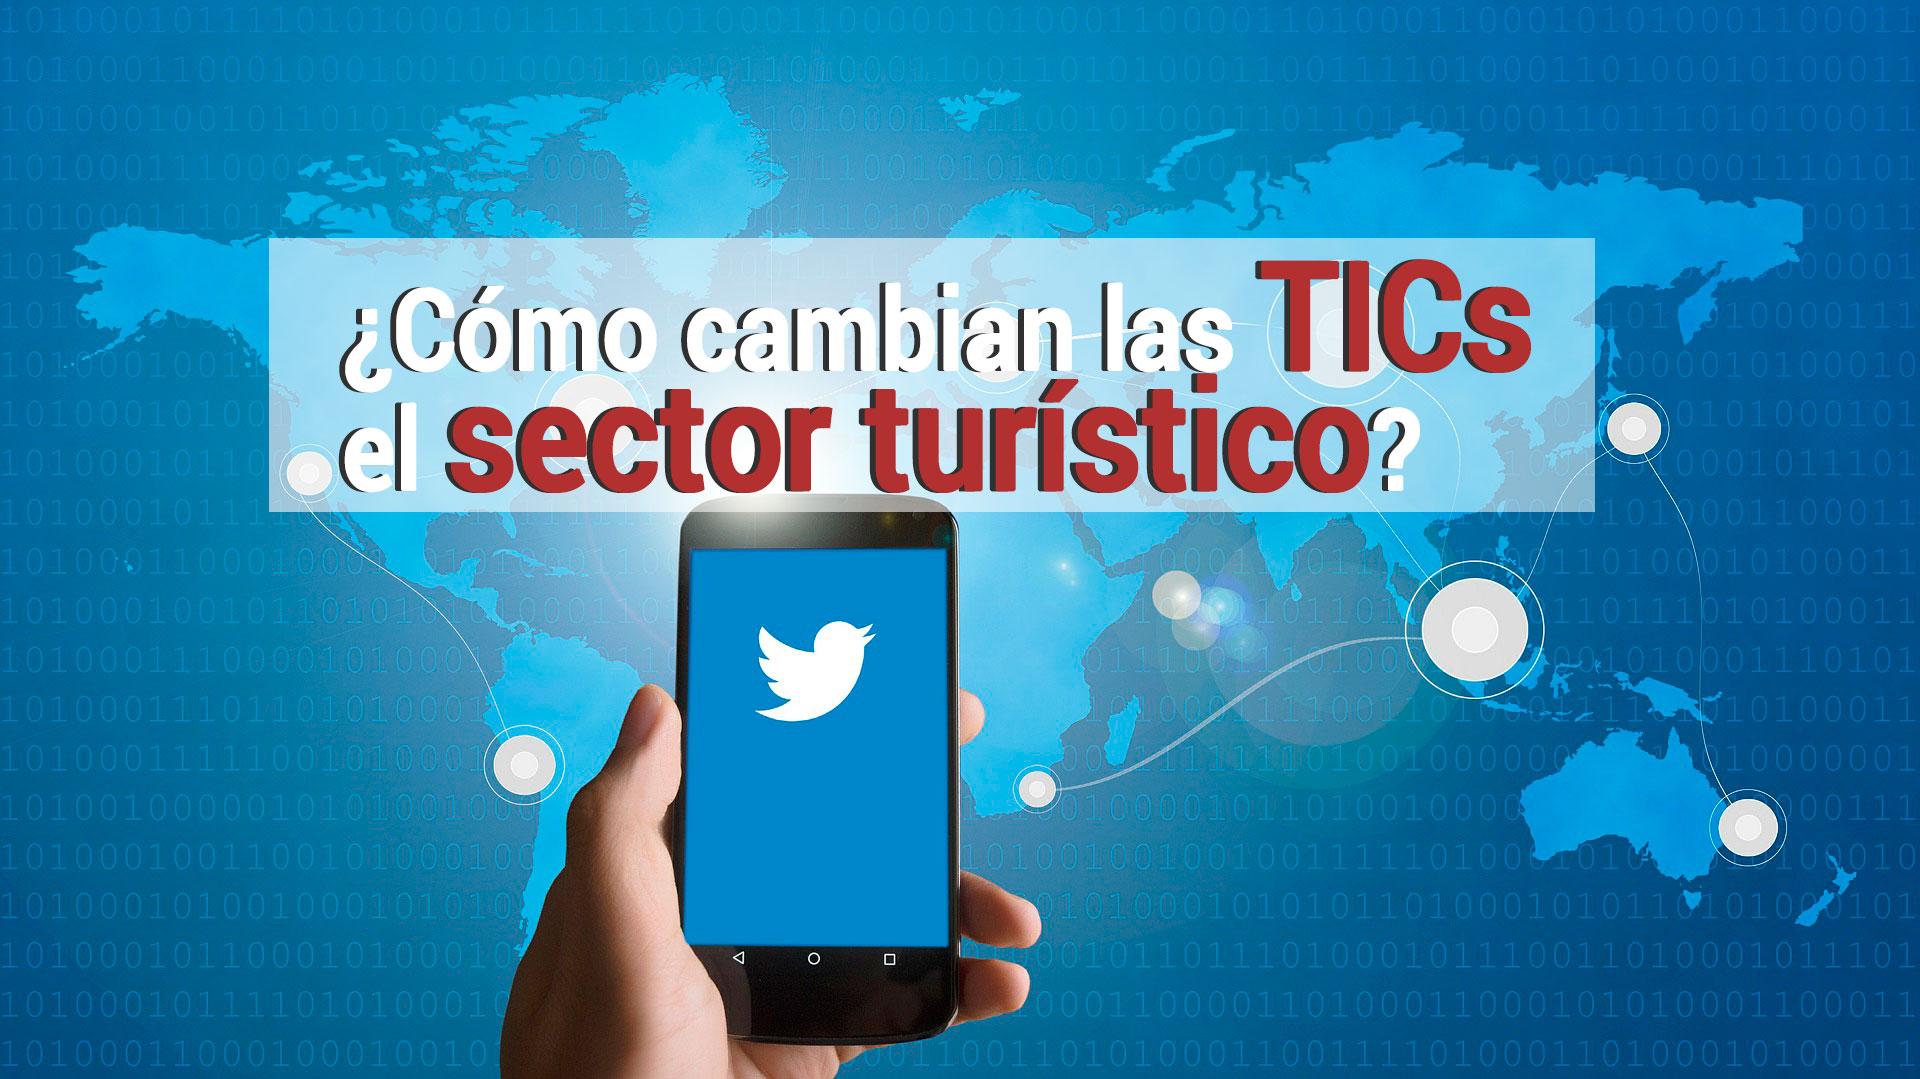 tics-turismo Las 7 formas en las que las TIC están cambiando el sector turístico